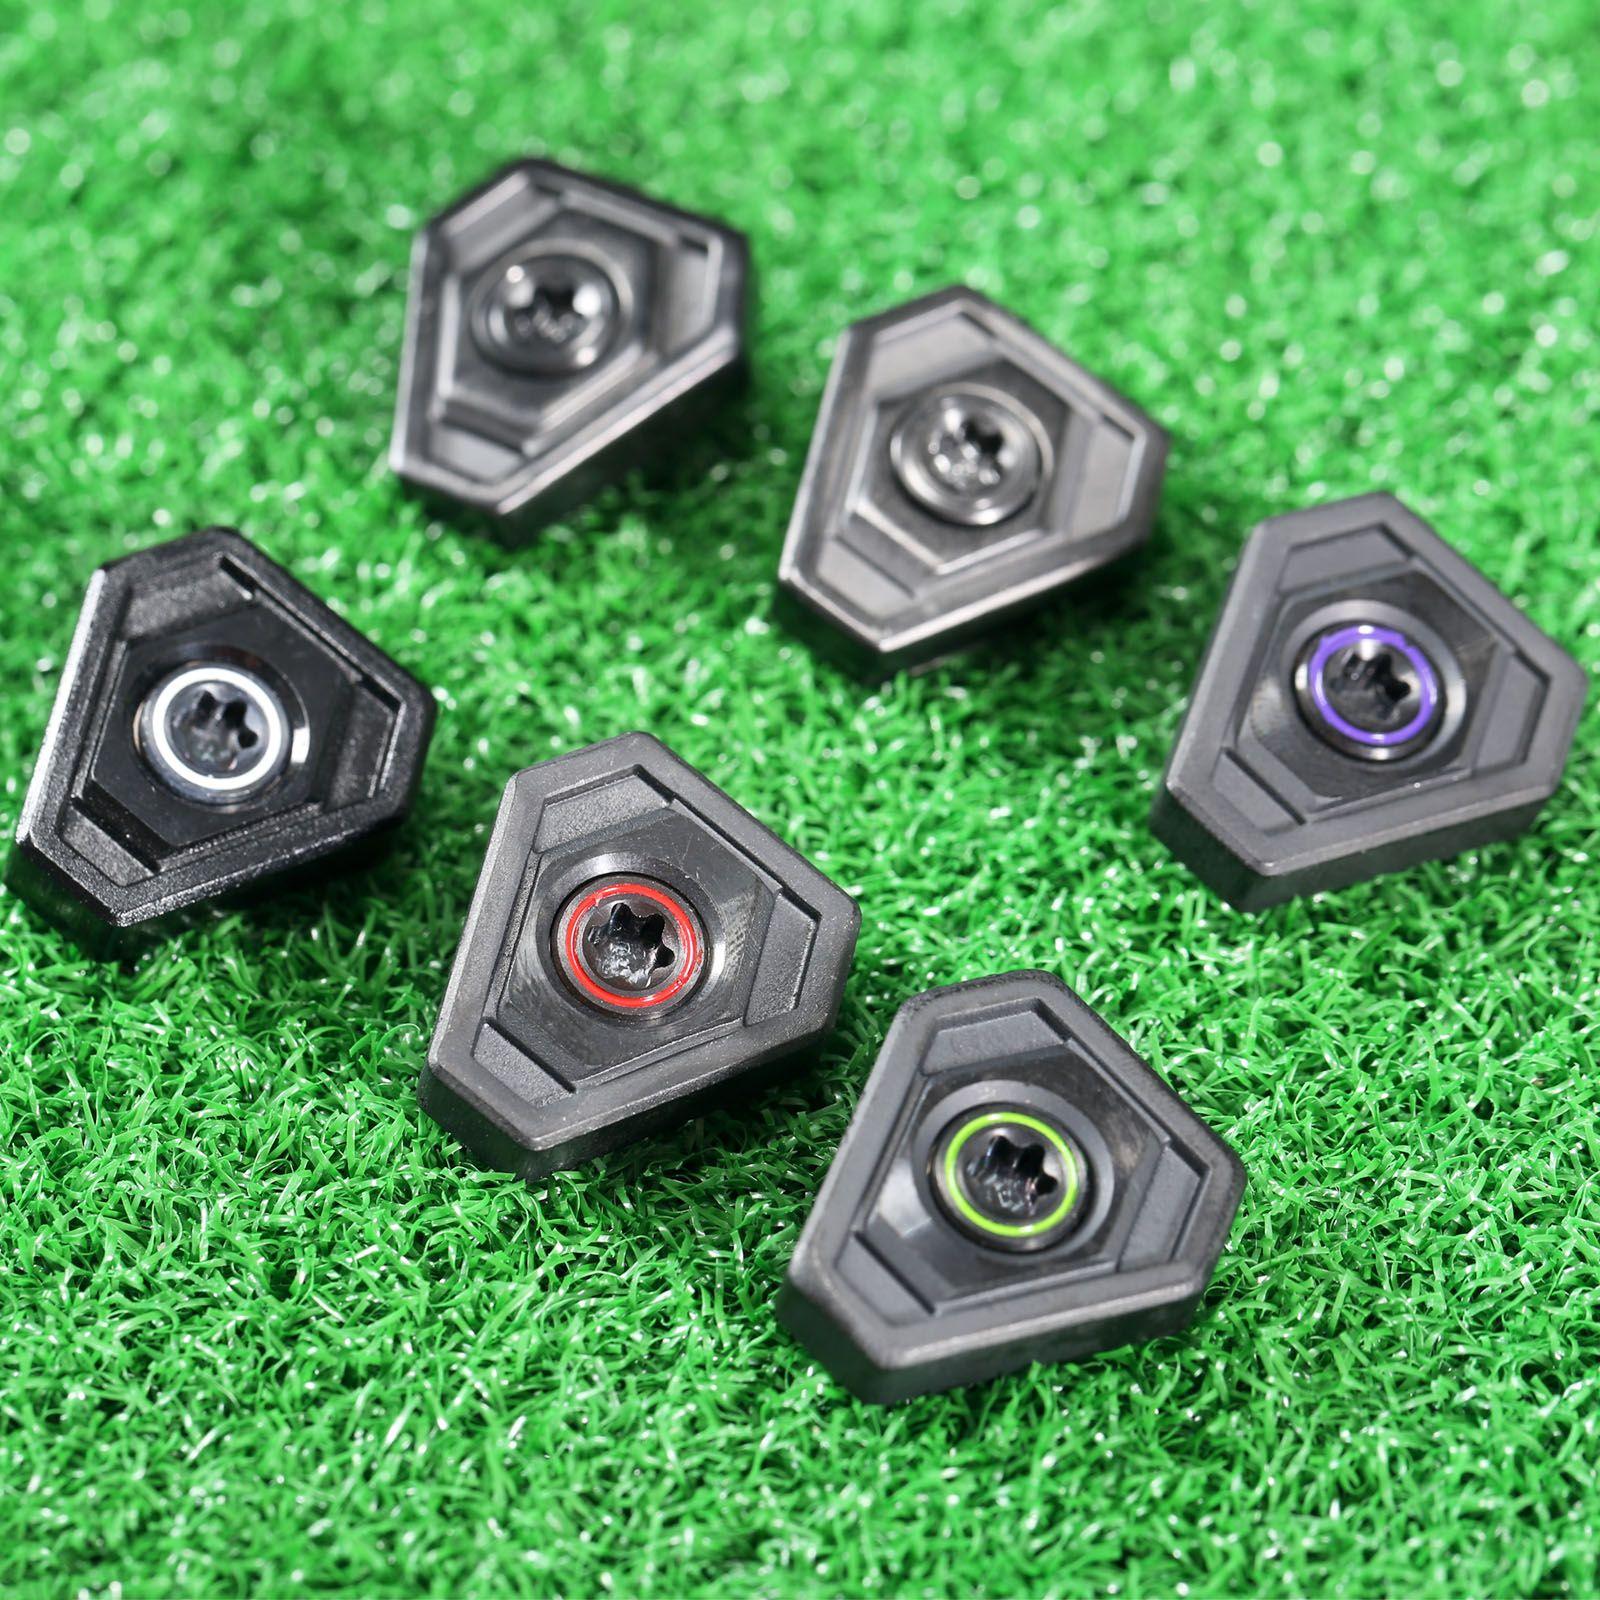 새로운 1 개 4 그램/7 그램/9 그램/11 그램/14 그램/17 그램 골프 클럽 교체 무게 나사 키트 Titleist 915 D2 D3 헤드 드라이버 골프 도구 액세서리